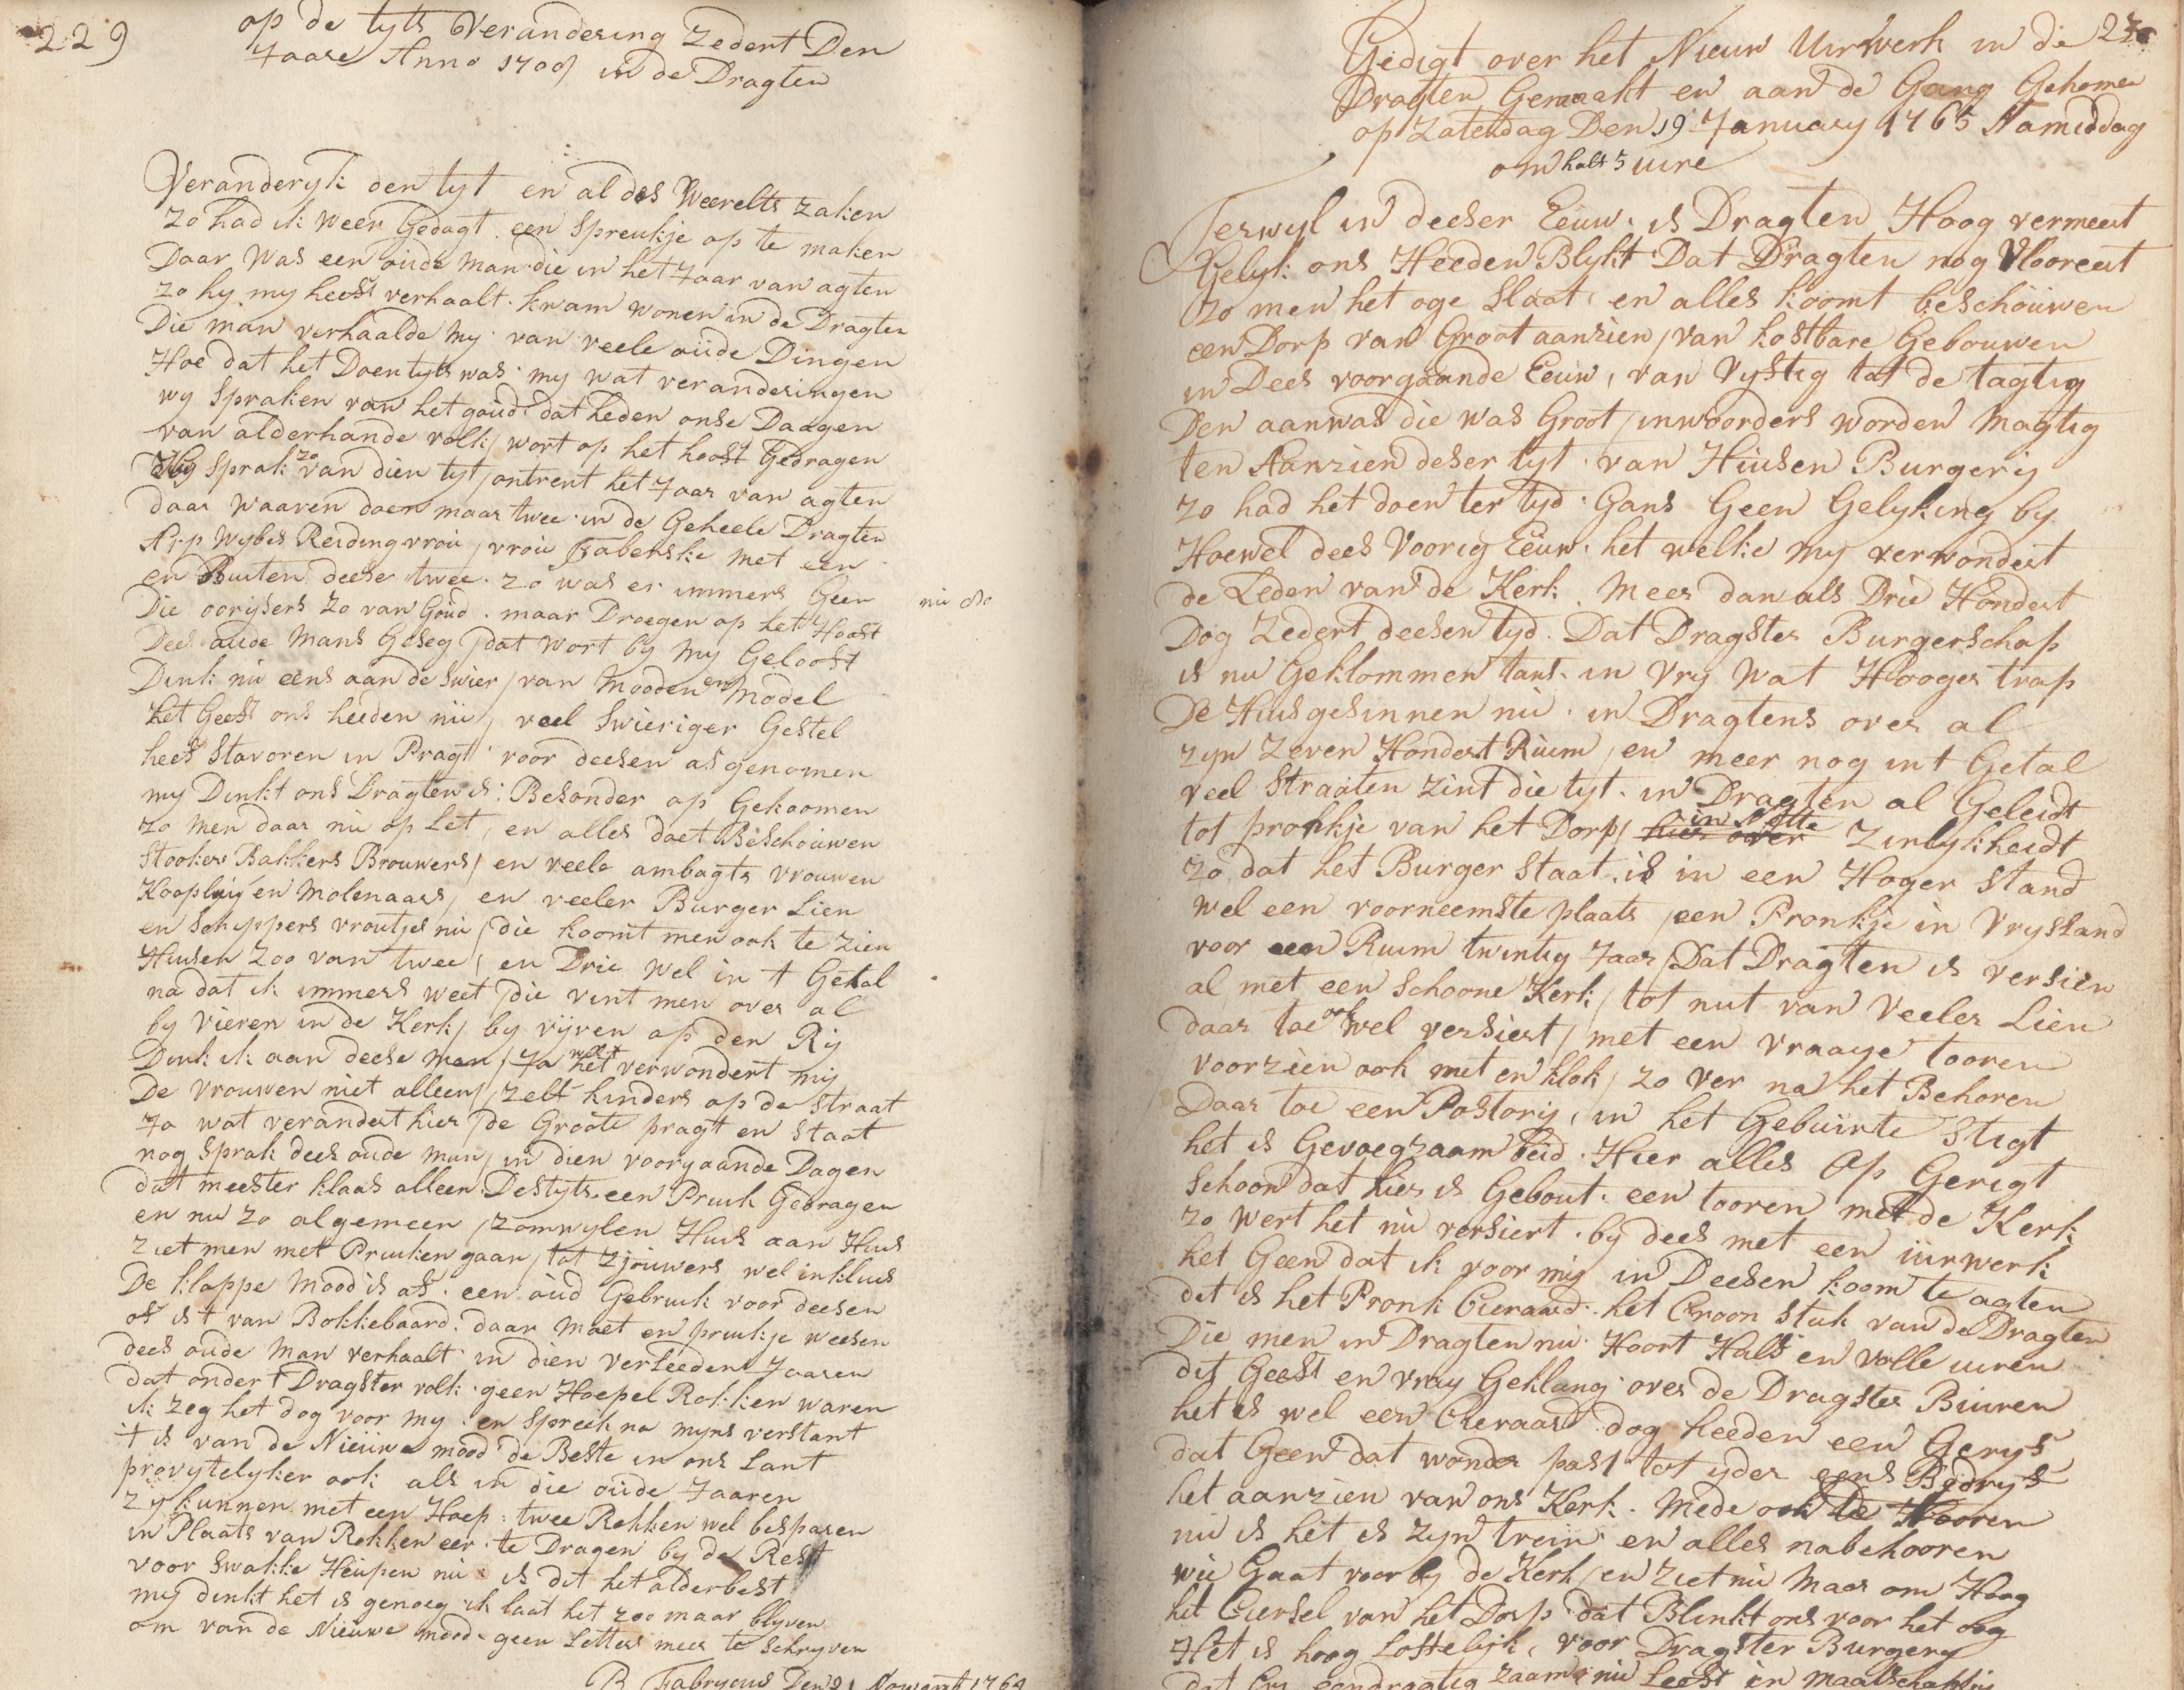 Op de tijts Verandering Zedert Den Jaare Anno 1700 in de Dragten